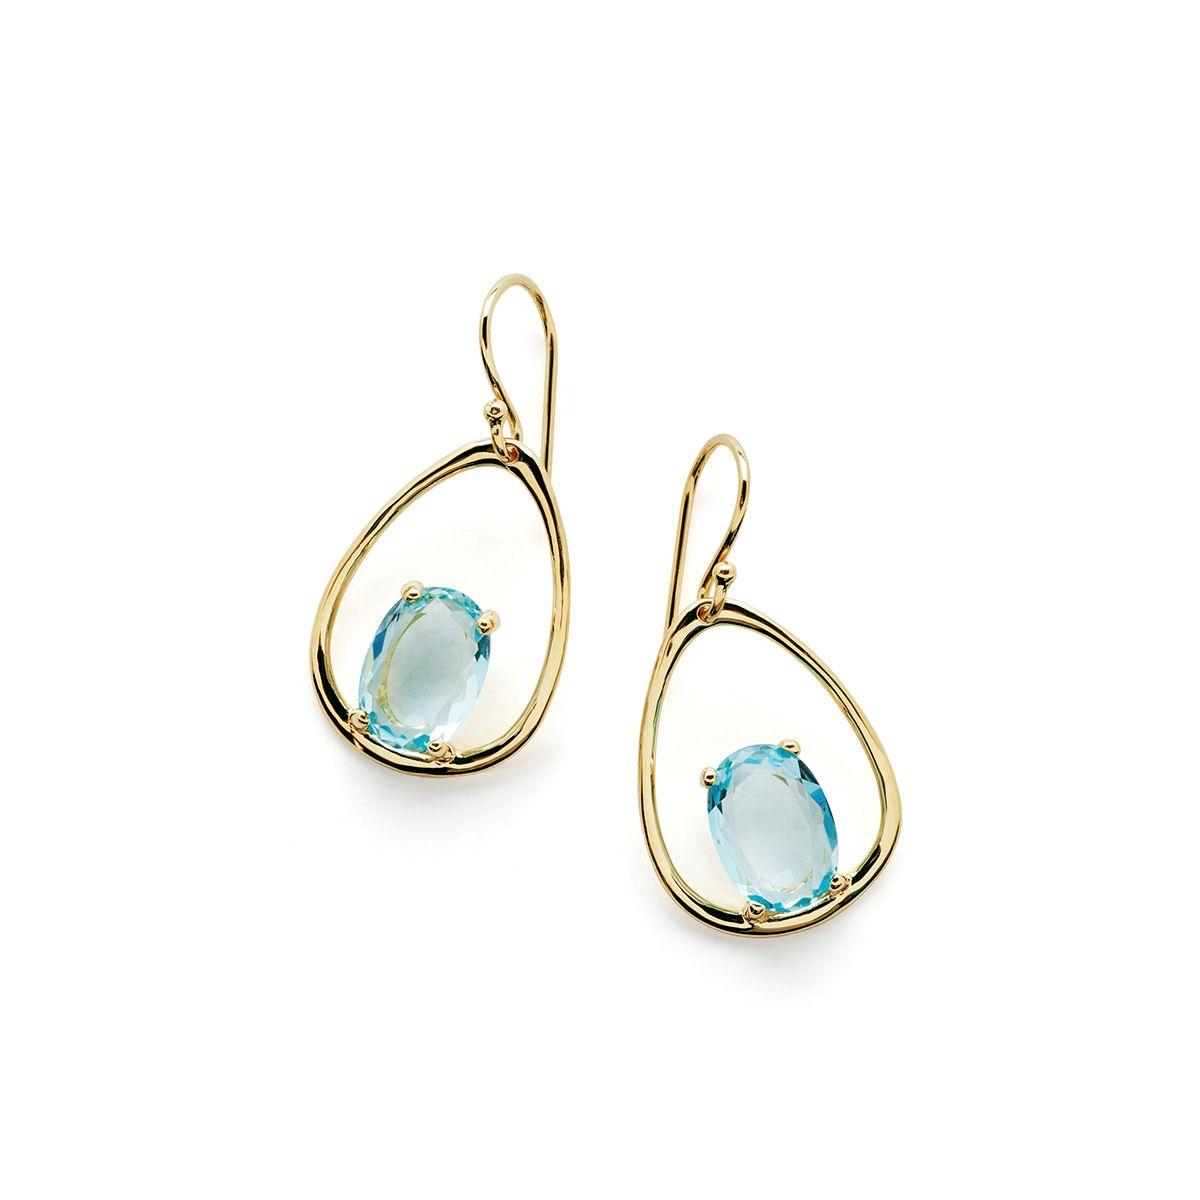 Ippolita 18K Rock Candy Tipped Oval Wire Earrings in London Blue Topaz IjDstLp1aJ